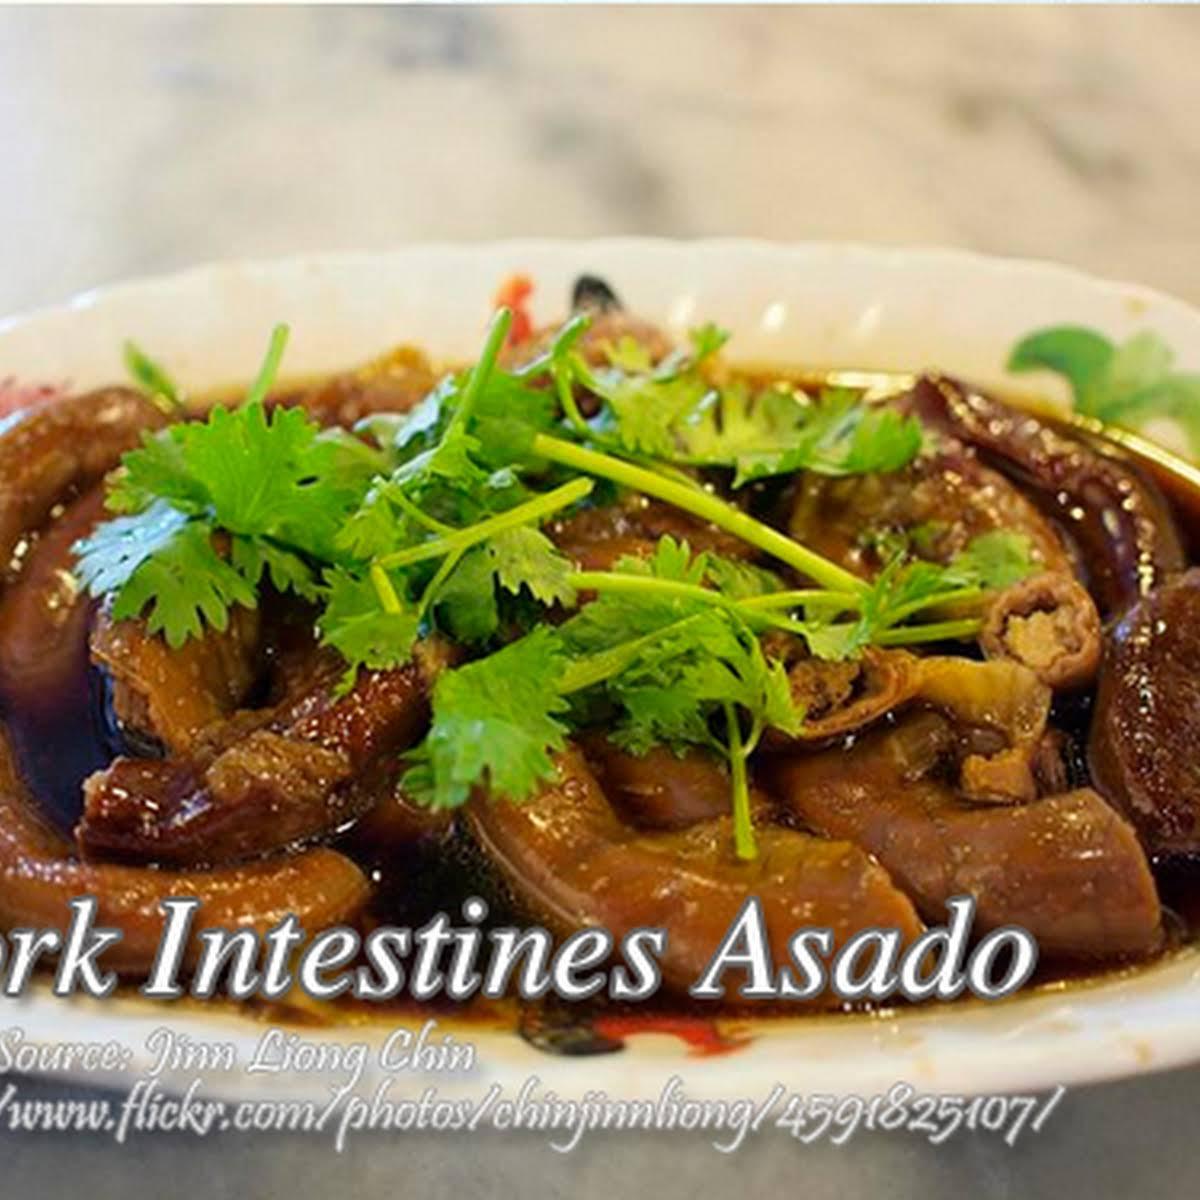 Pork Intestines Asado